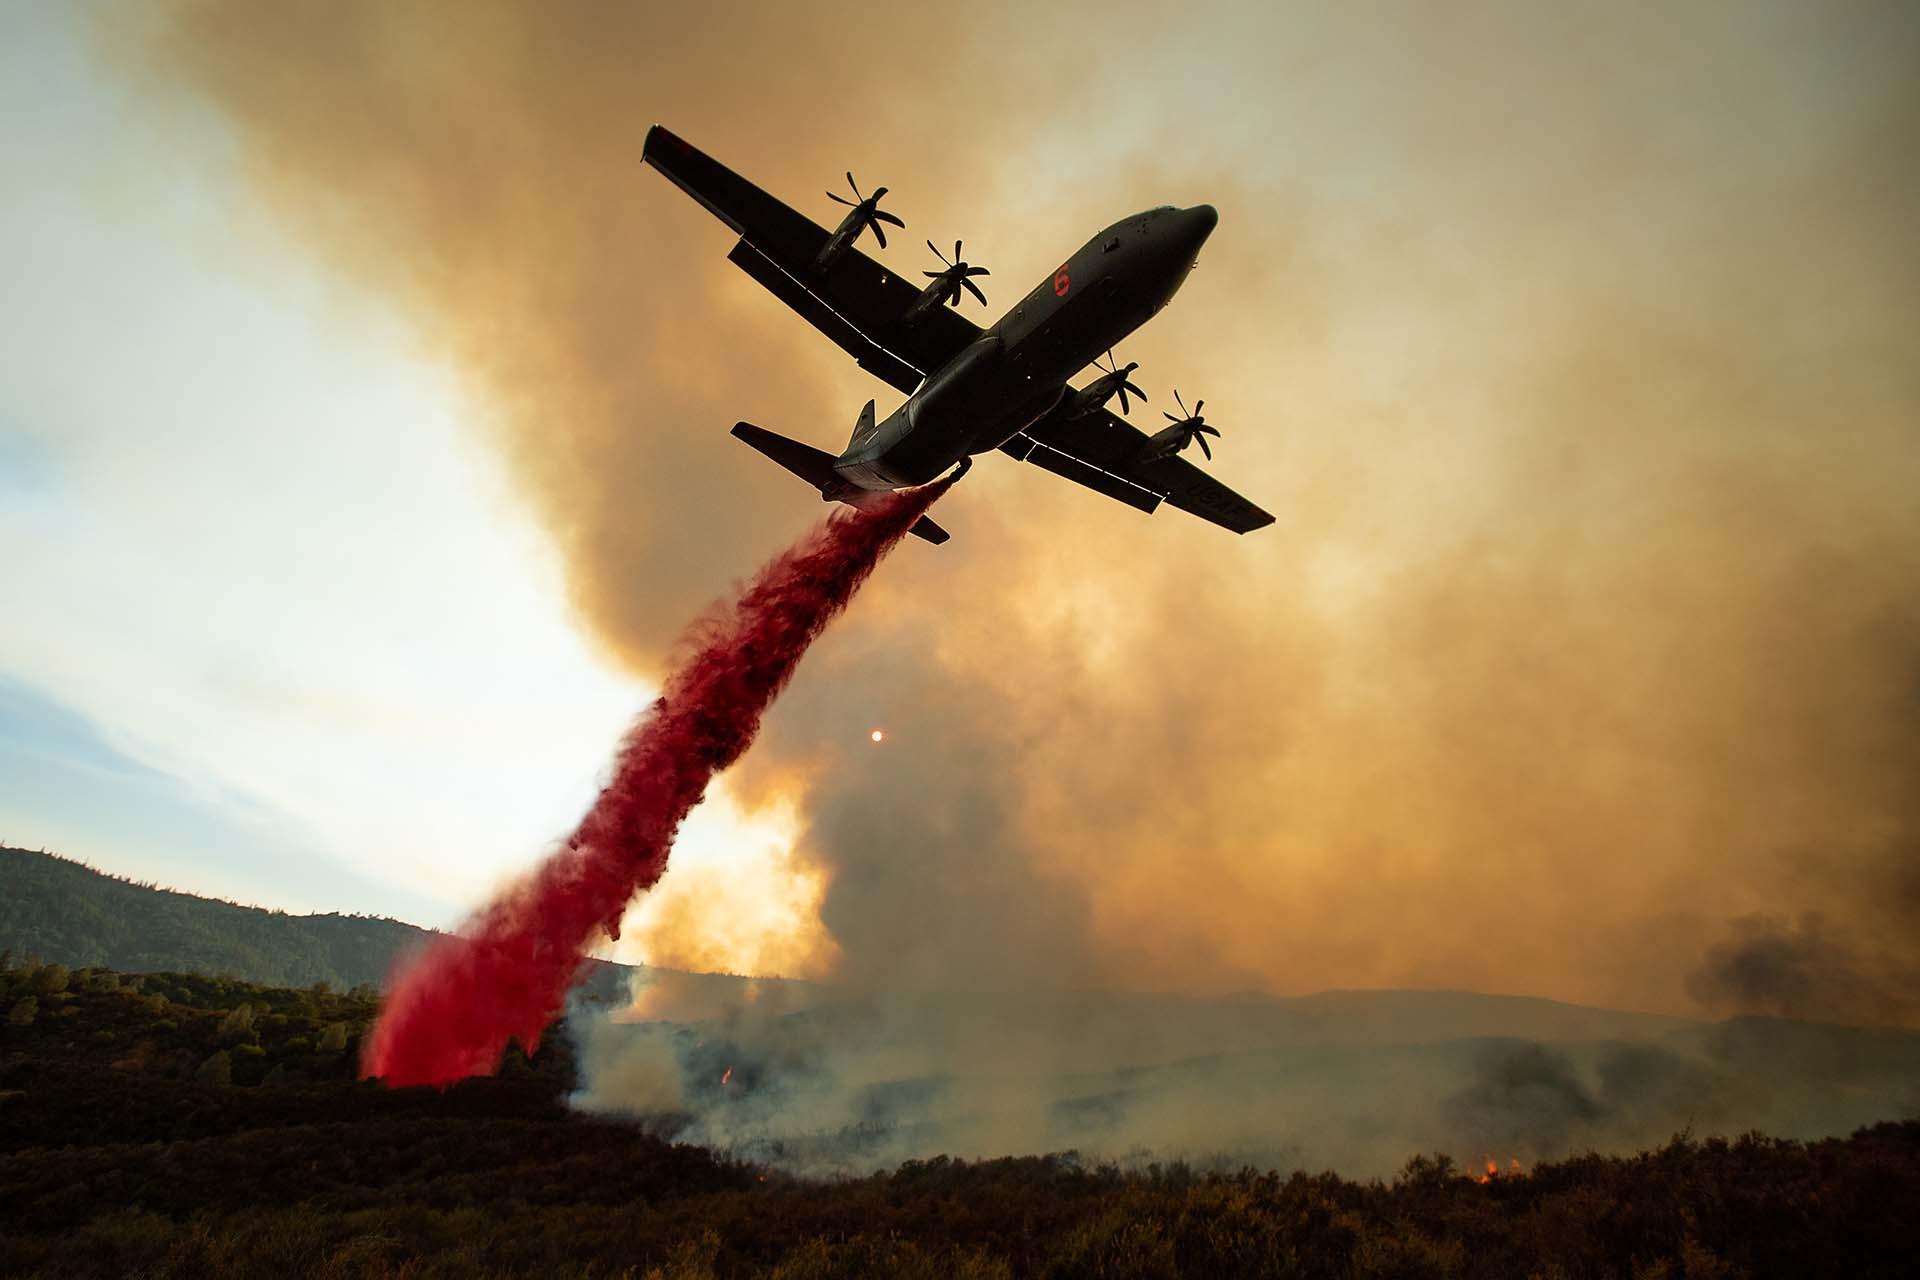 Los incendios de gravedad en California son cada vez más frecuentes y violentos, tal y como demuestra que, de acuerdo el registro oficial que se remonta hasta 1932, cuatro de los cinco fuegos más destructivos de la historia del estado se han dado en los últimos seis años